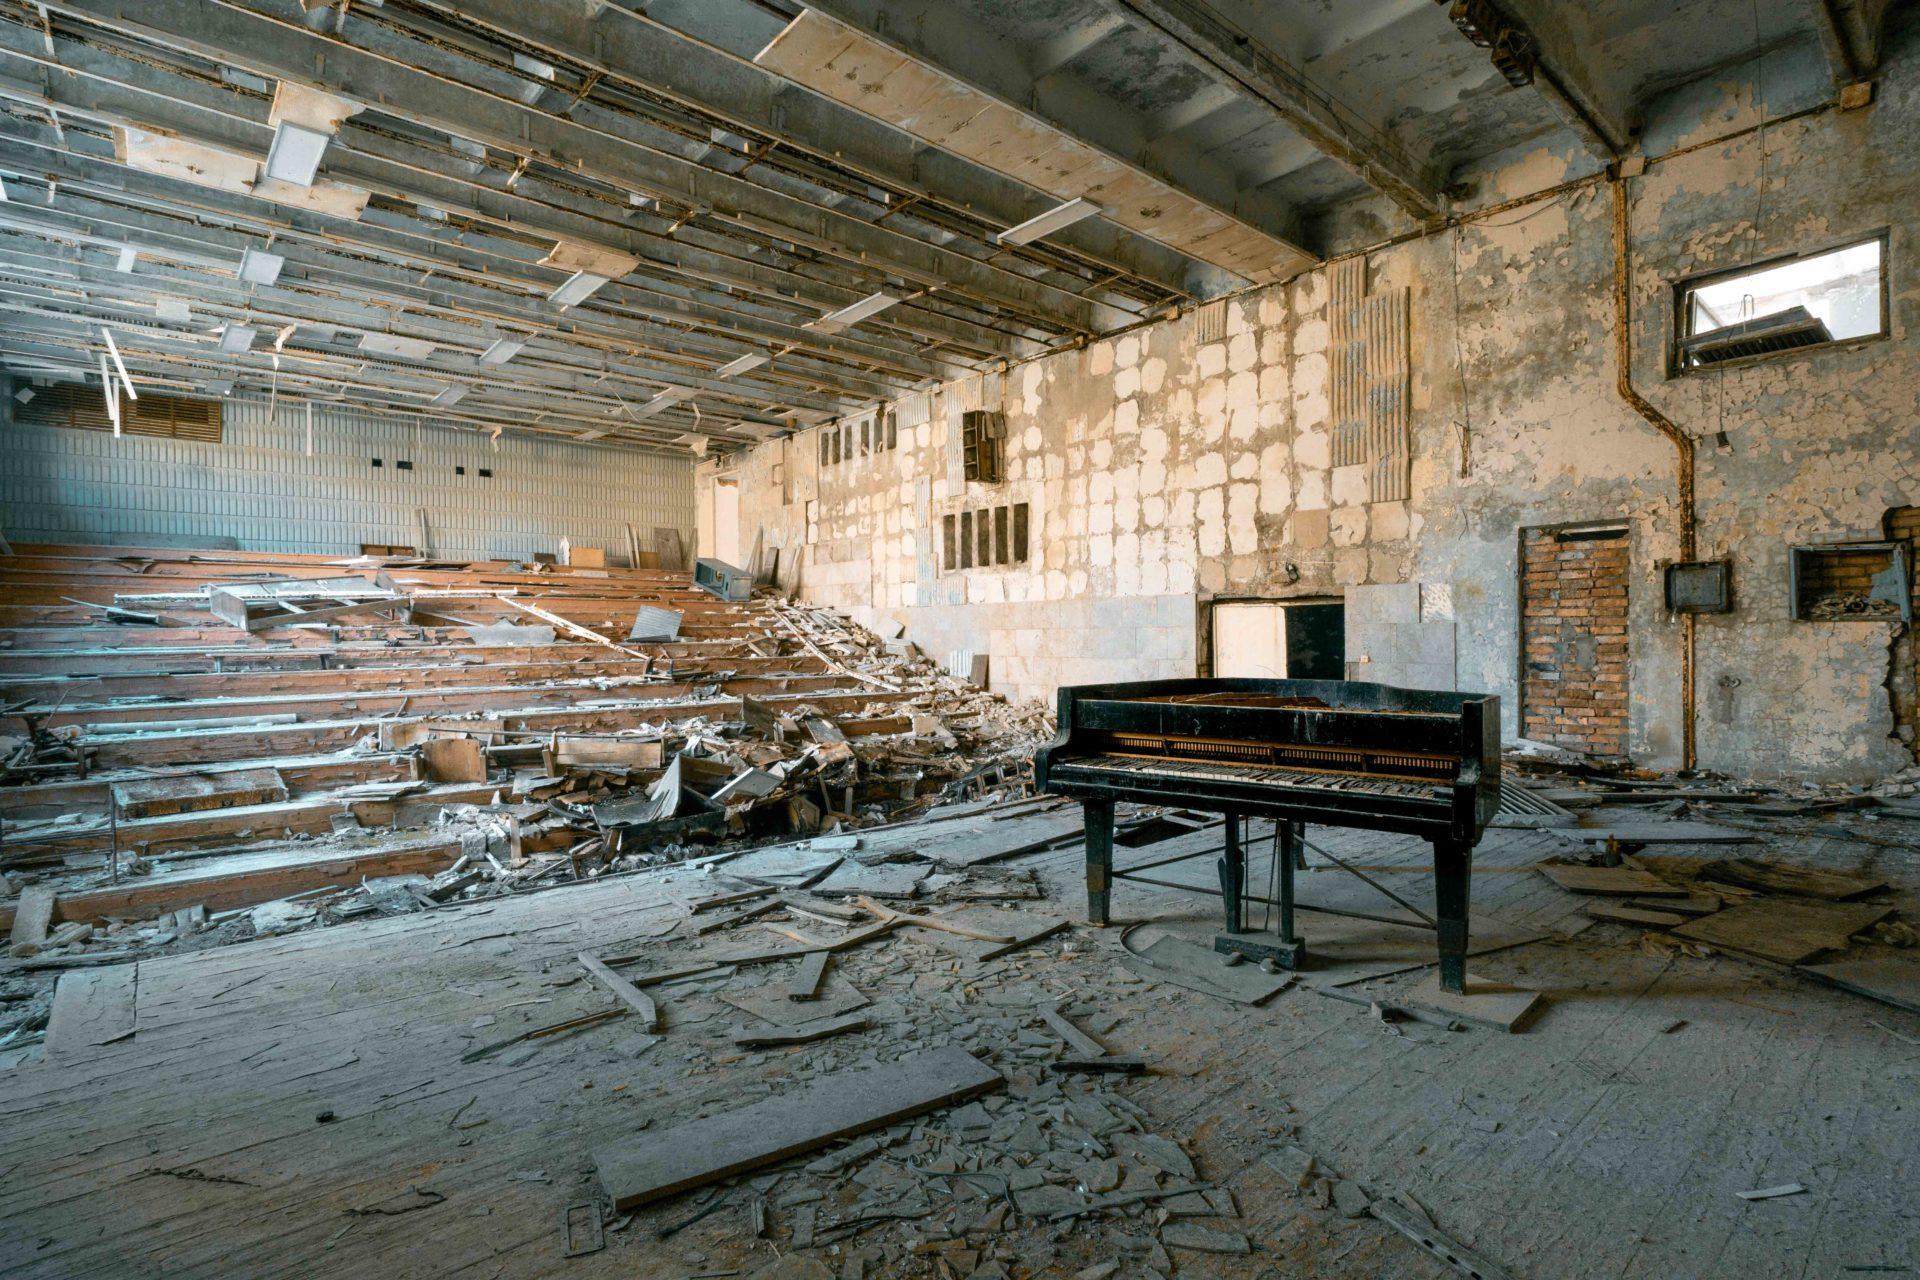 Requiem pour pianos 5 | Serie Requiem pour pianos | Romain Thiery | Chernobyl